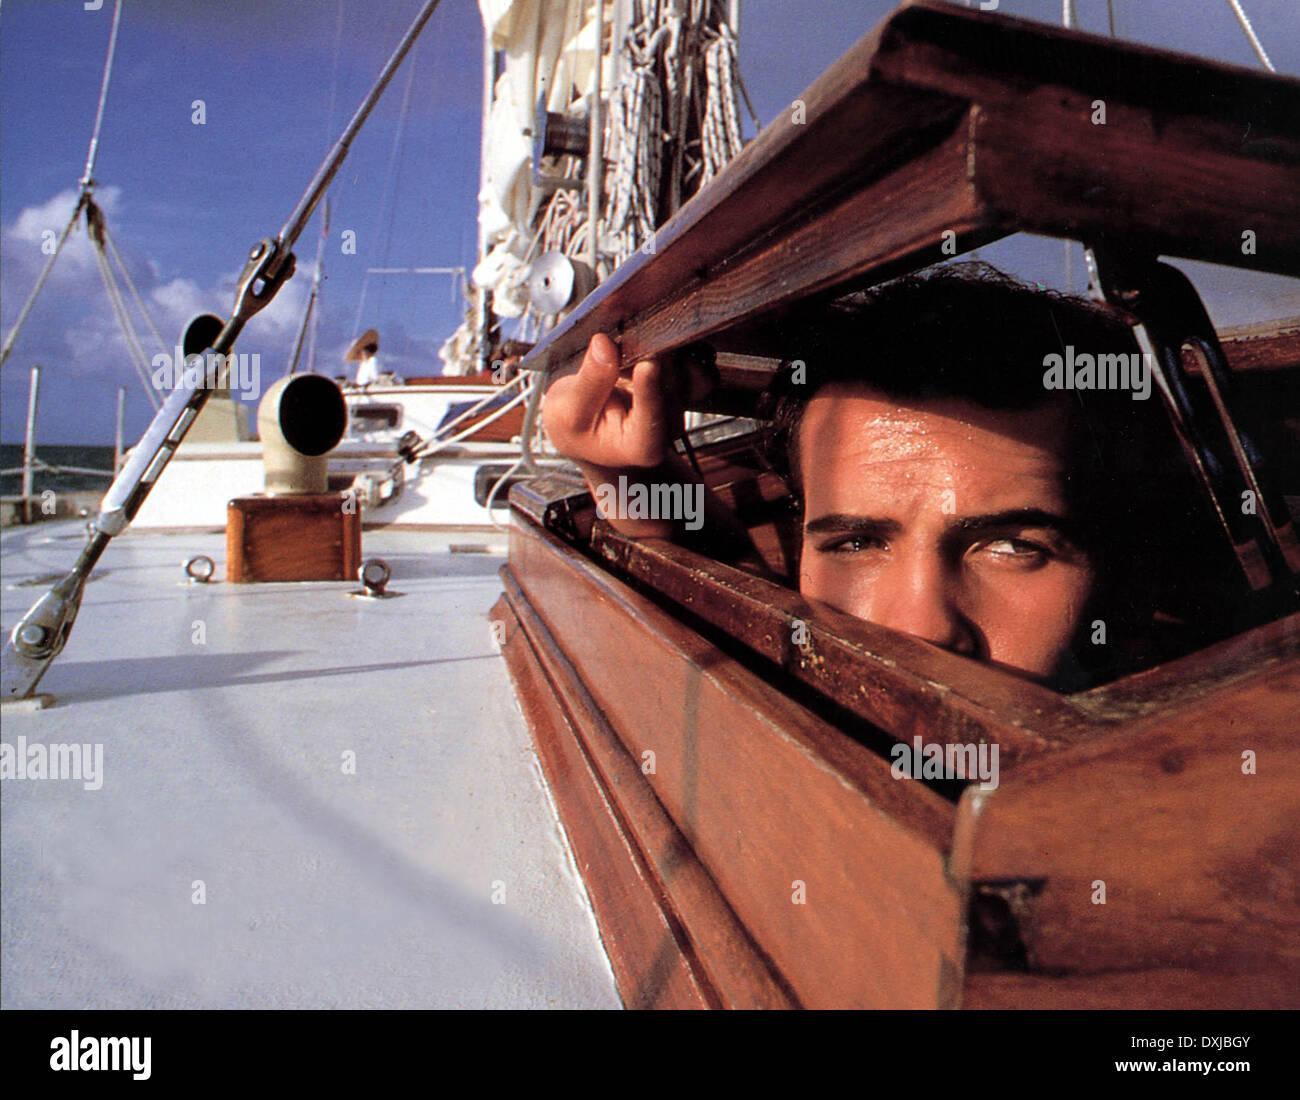 DEAD CALM (UNS / AUS 1989) BILLY ZANE Stockbild